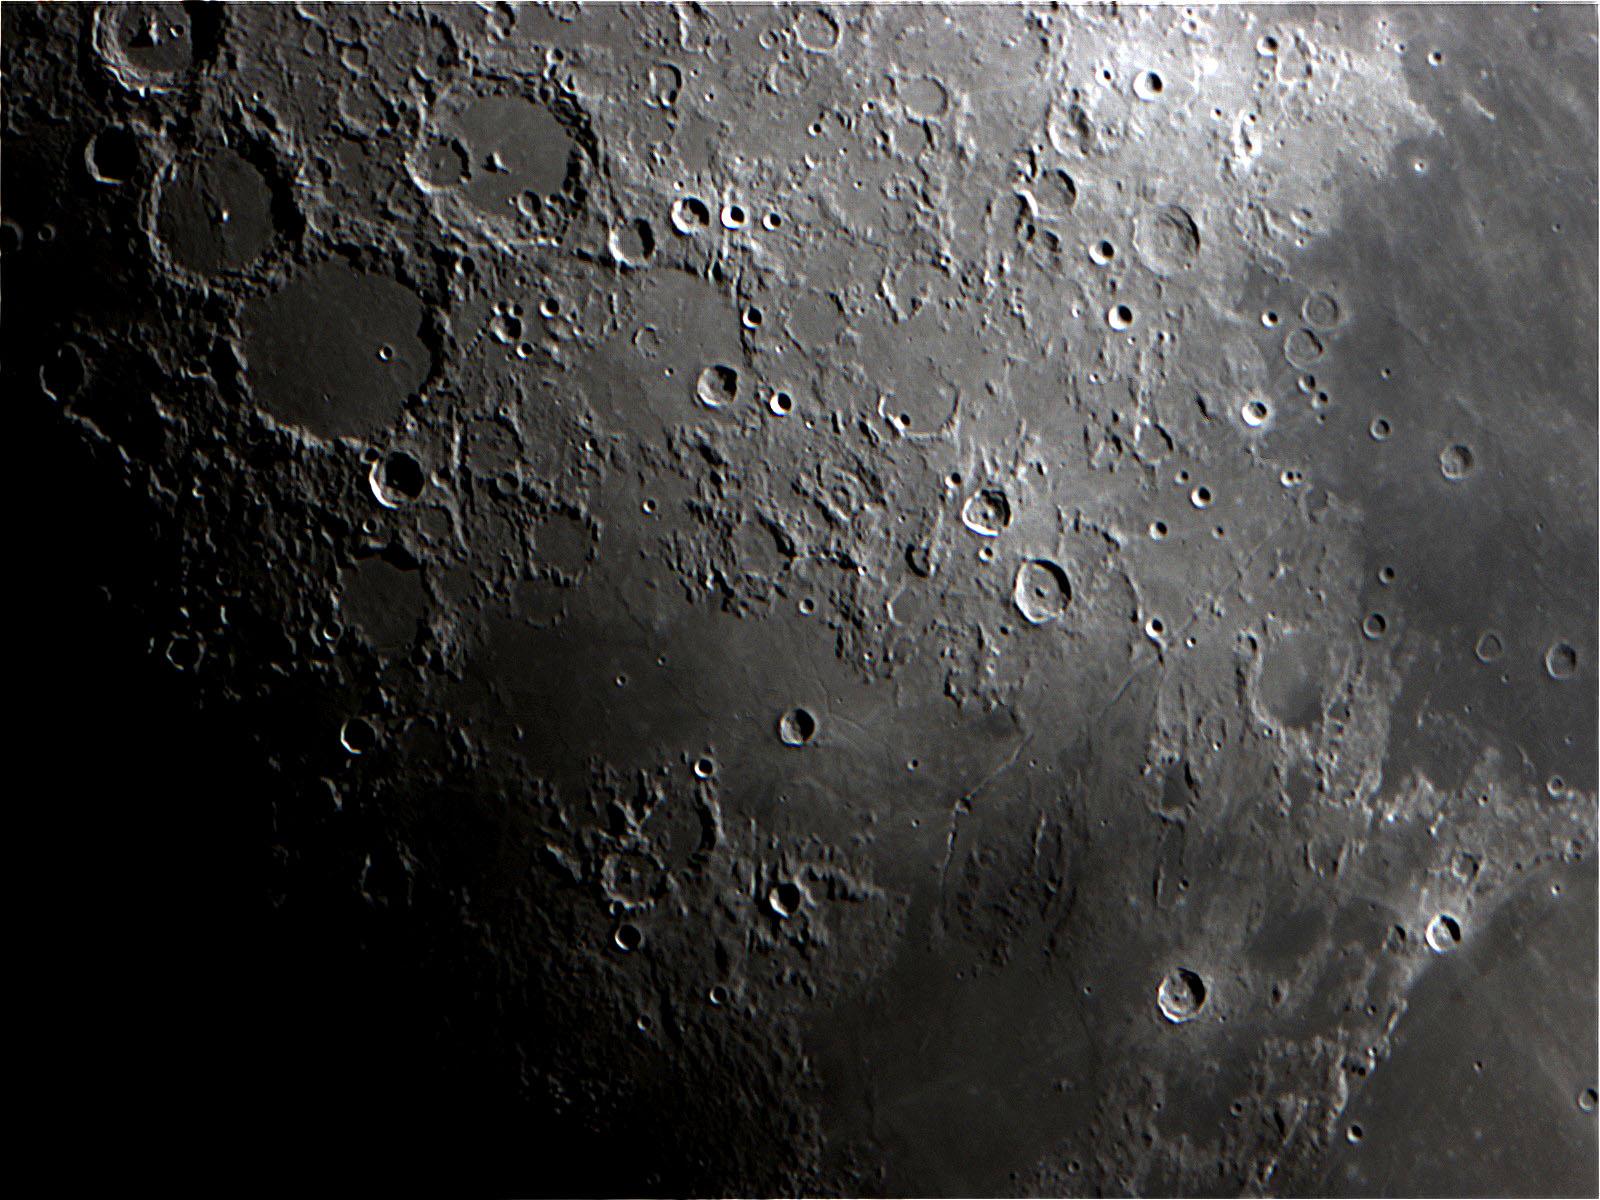 moon-a-caa33db97c625c62f88c444734d82b20e4f1e83f